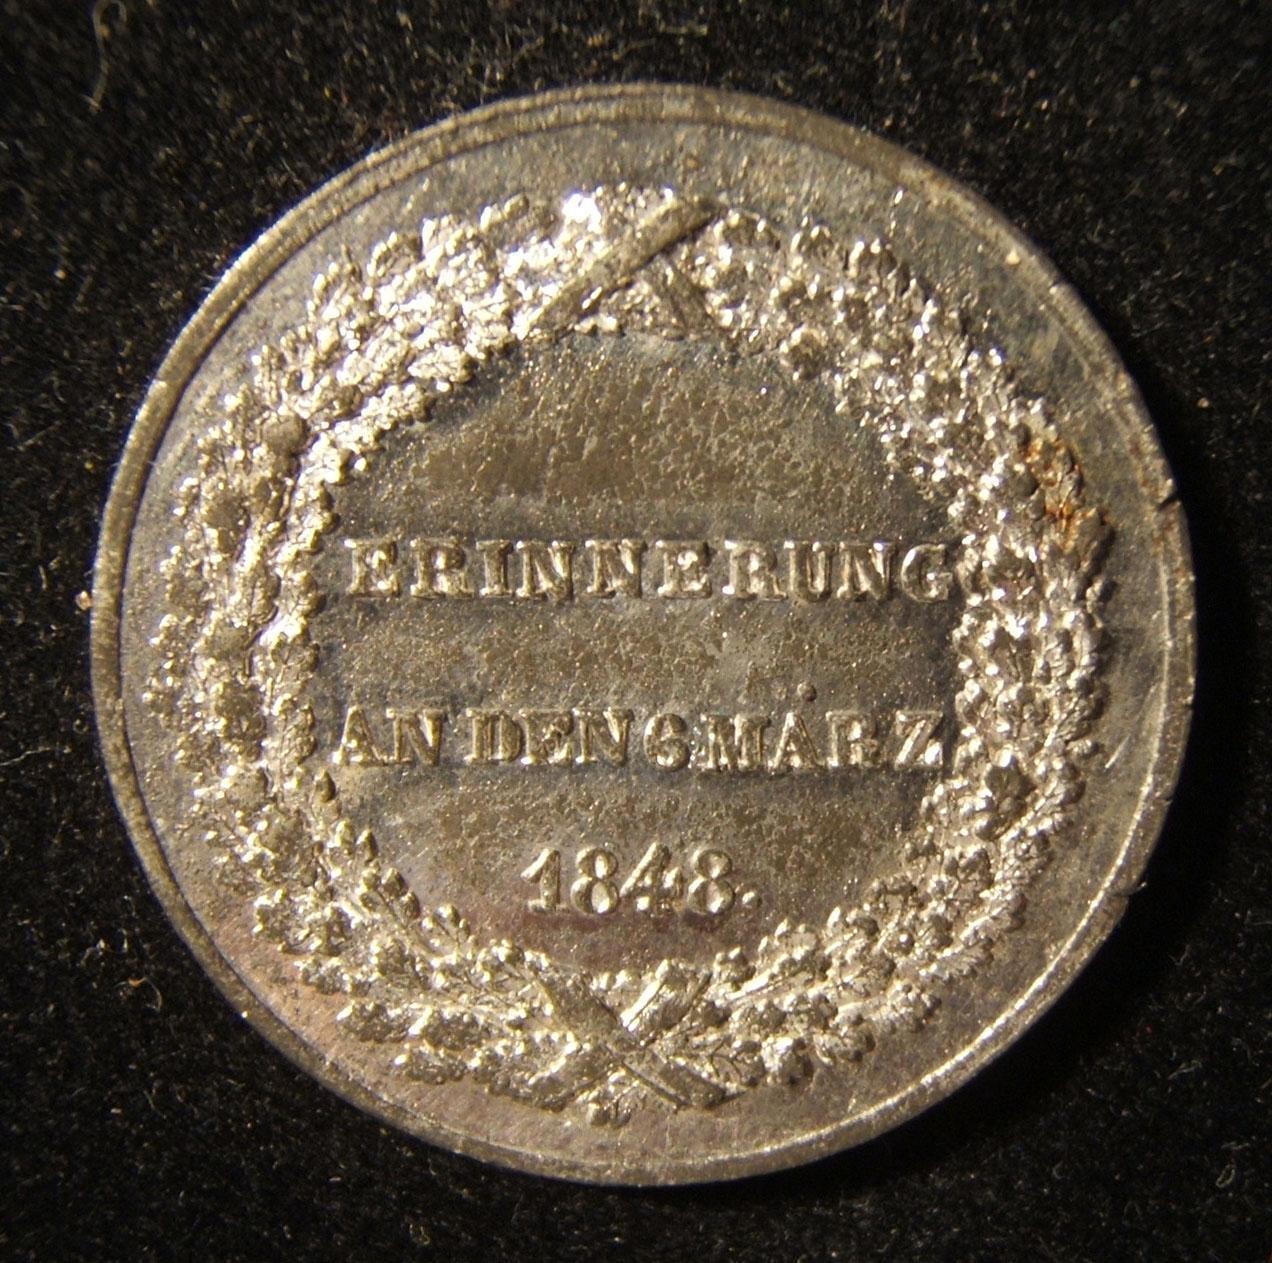 Deutschland > Bayern: Souvenir-Token der Revolution vom März 1848, ca. 1849; aus silbergefärbter Zinn; kein Hersteller gekennzeichnet; Größe: 30 mm; Gewicht: 8,55 g; Di